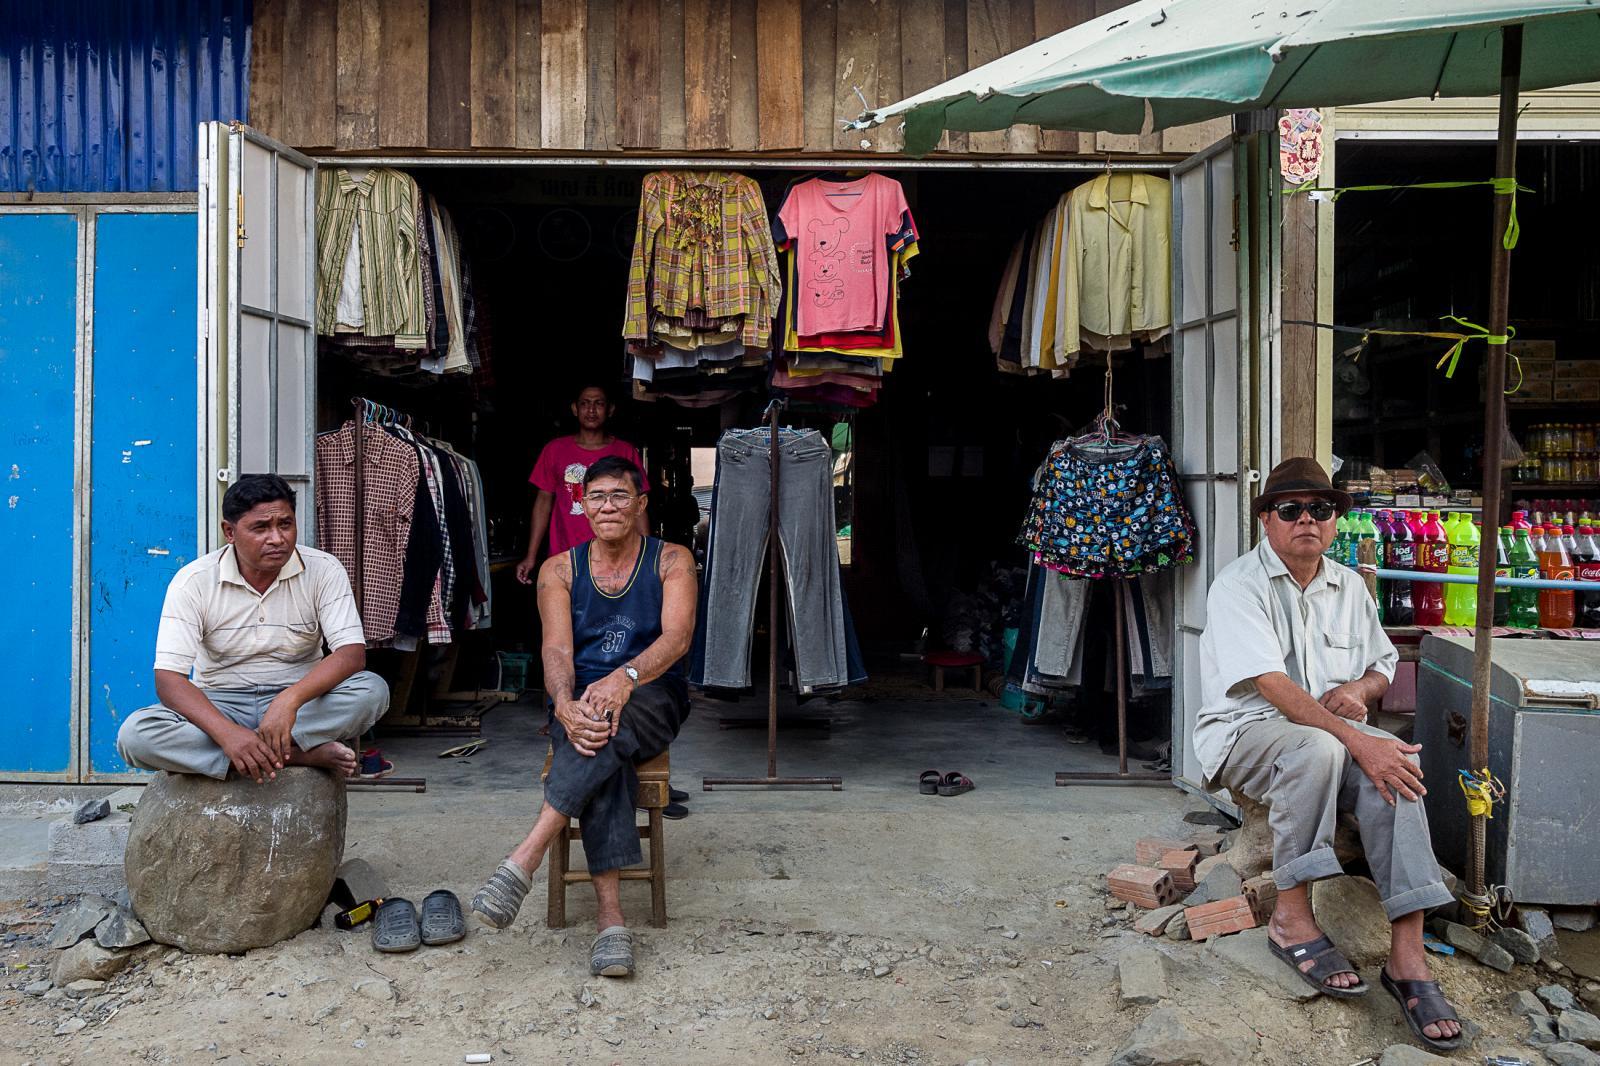 Photography image - Loading 002_Capitalism-KhmerRouge-Cambodia-OmarHavana.jpg